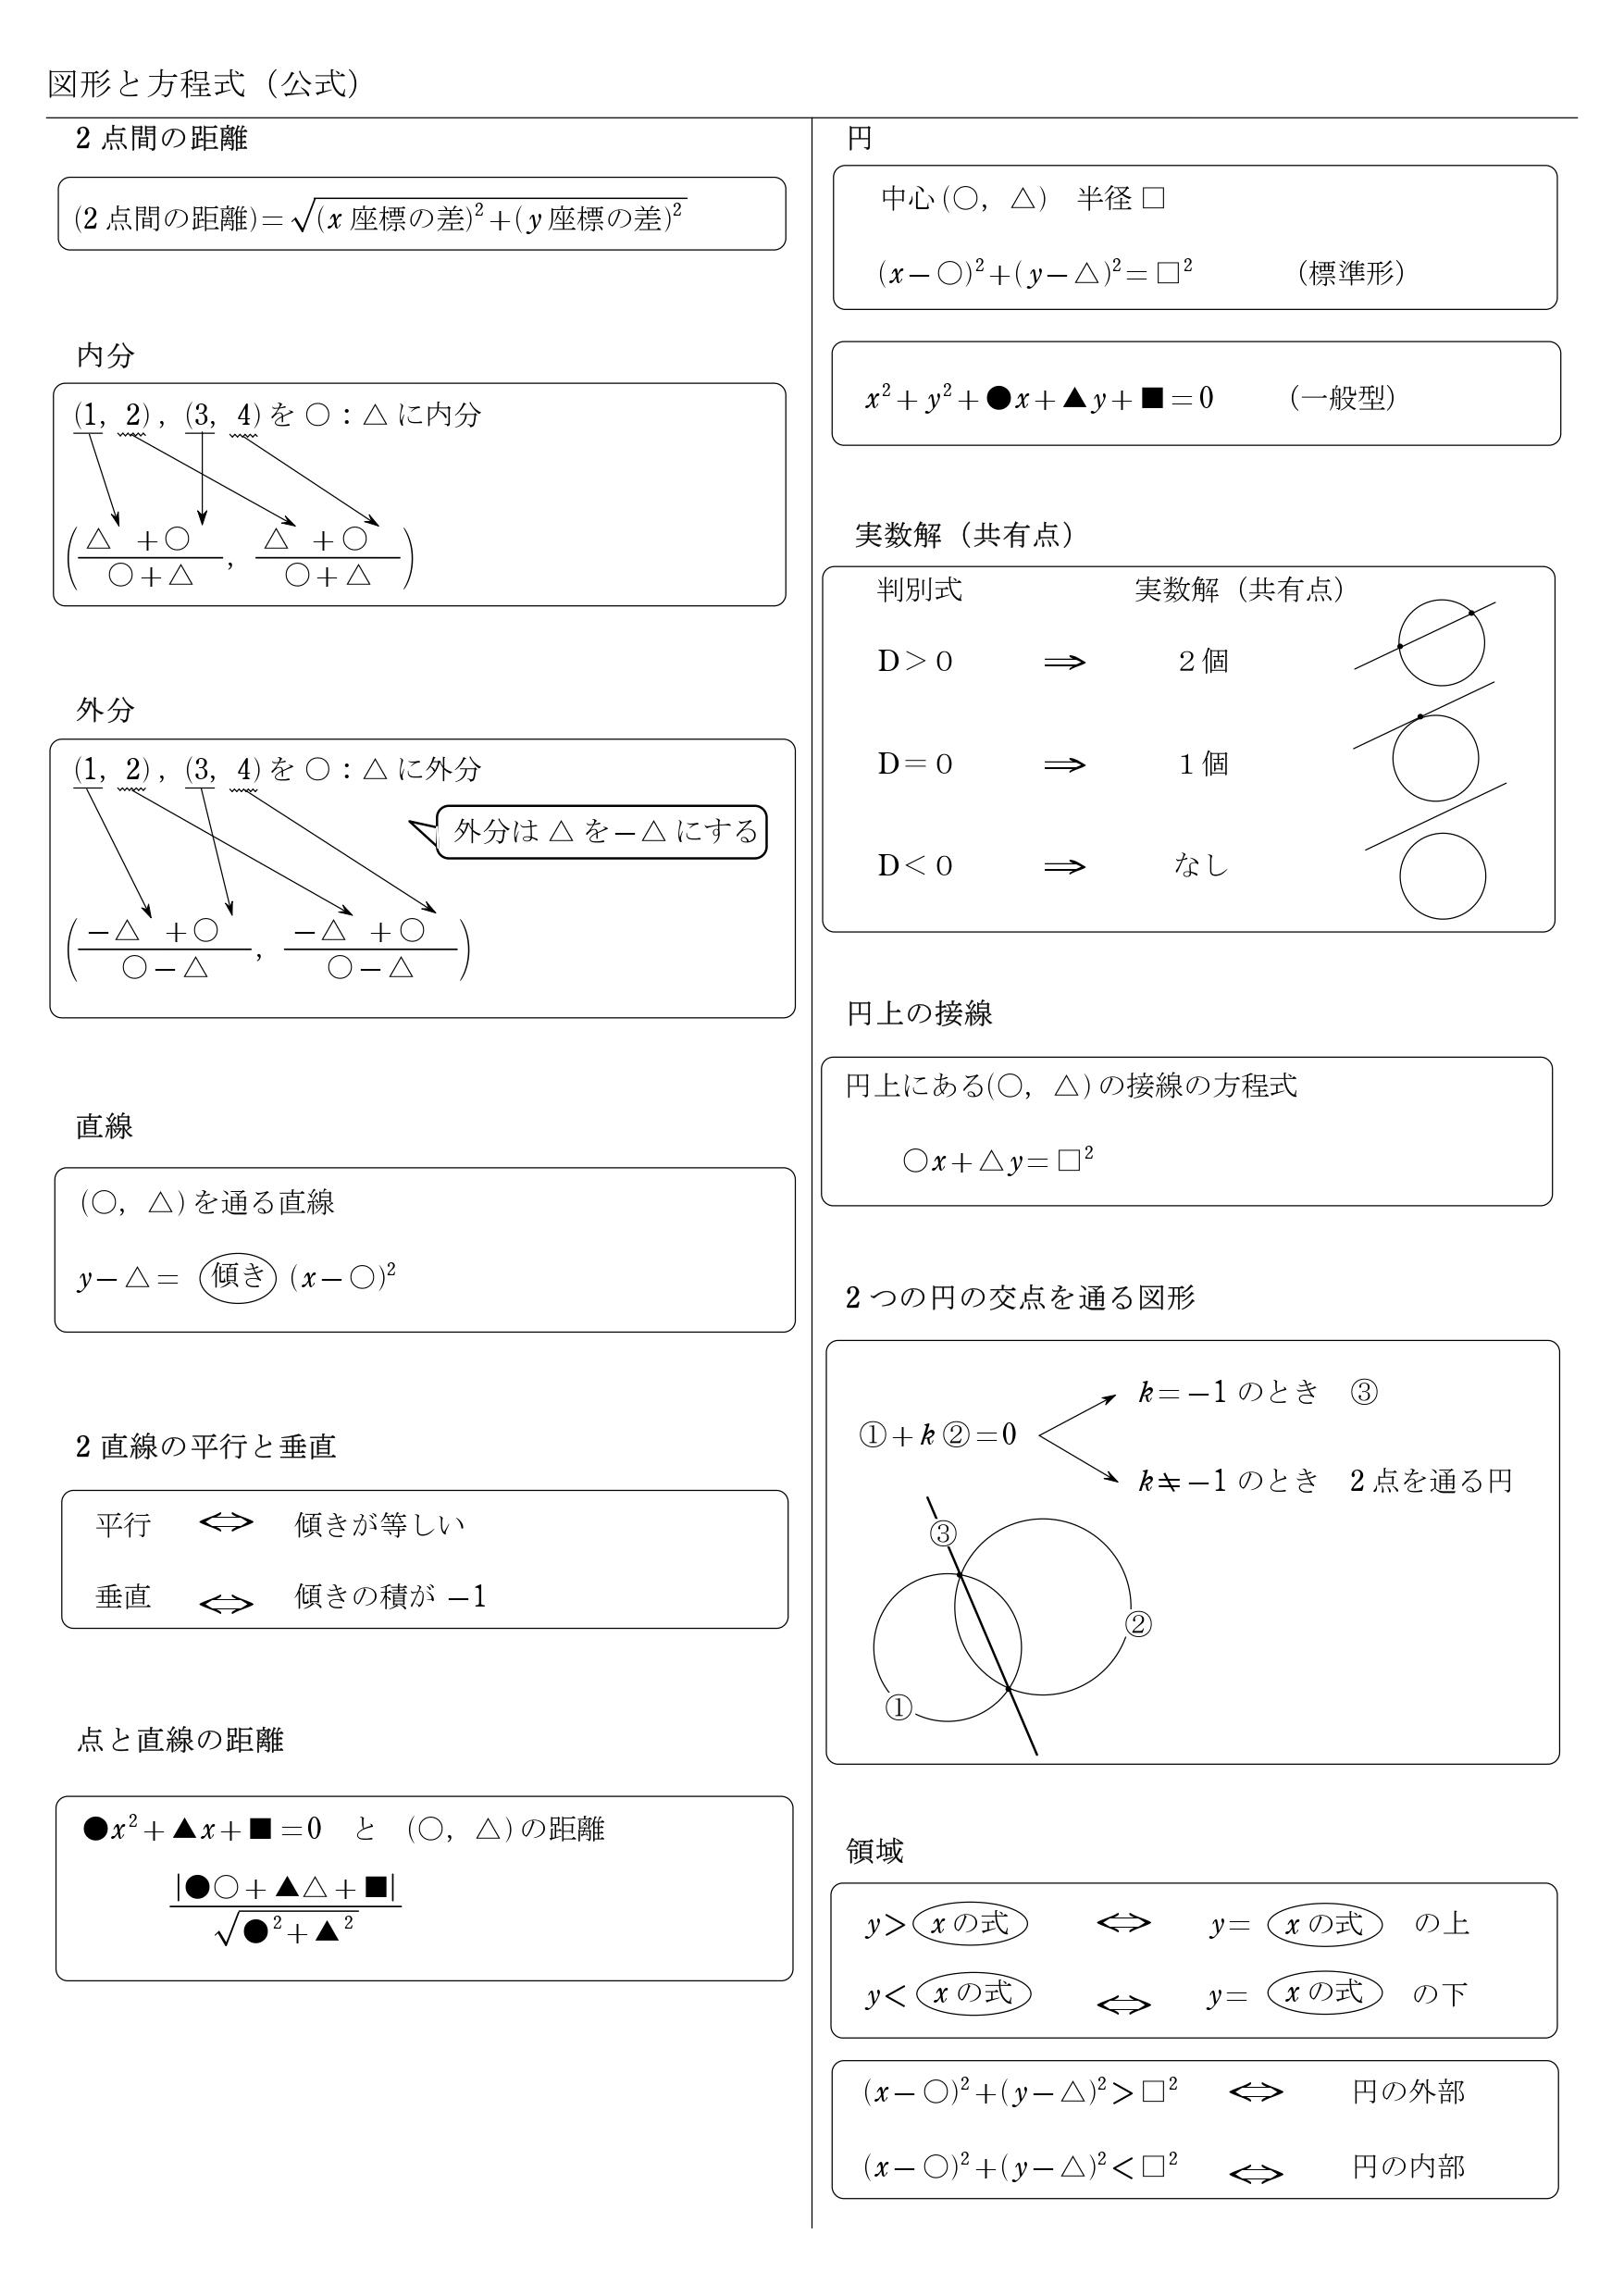 図形と方程式 教科書 公式 まとめ 一覧